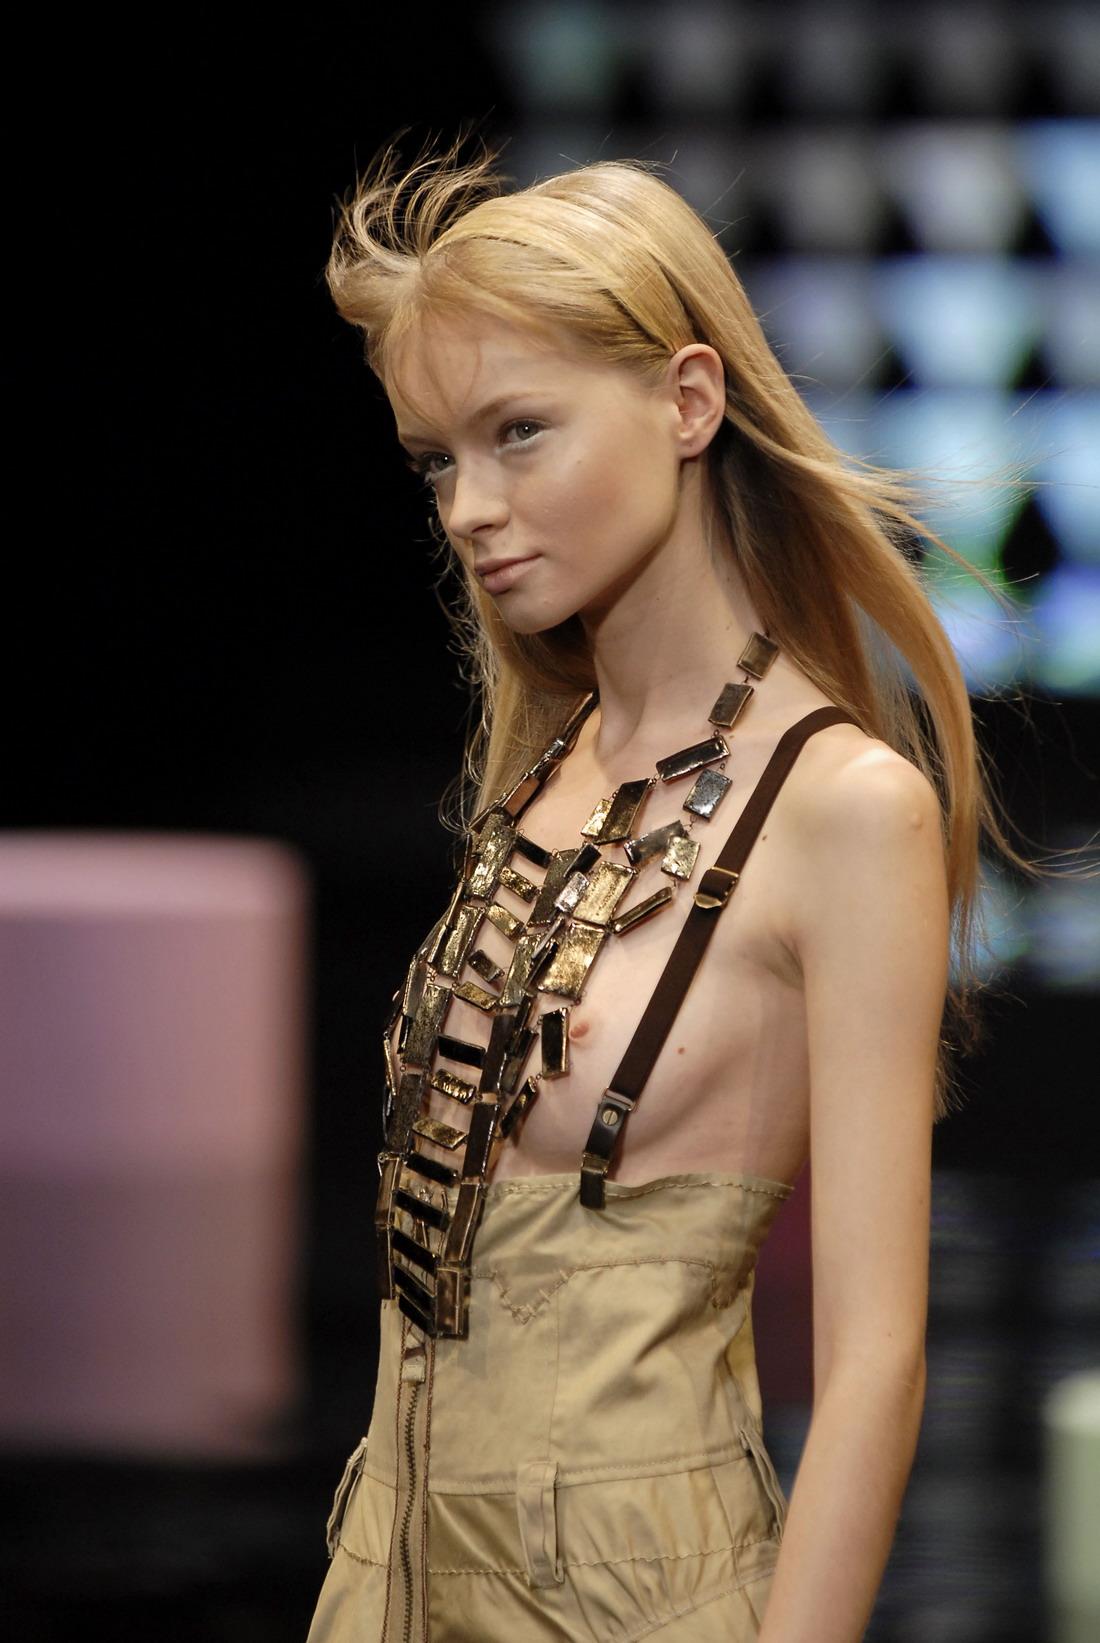 おっぱい丸出しの海外ファッションショーのエロ画 …